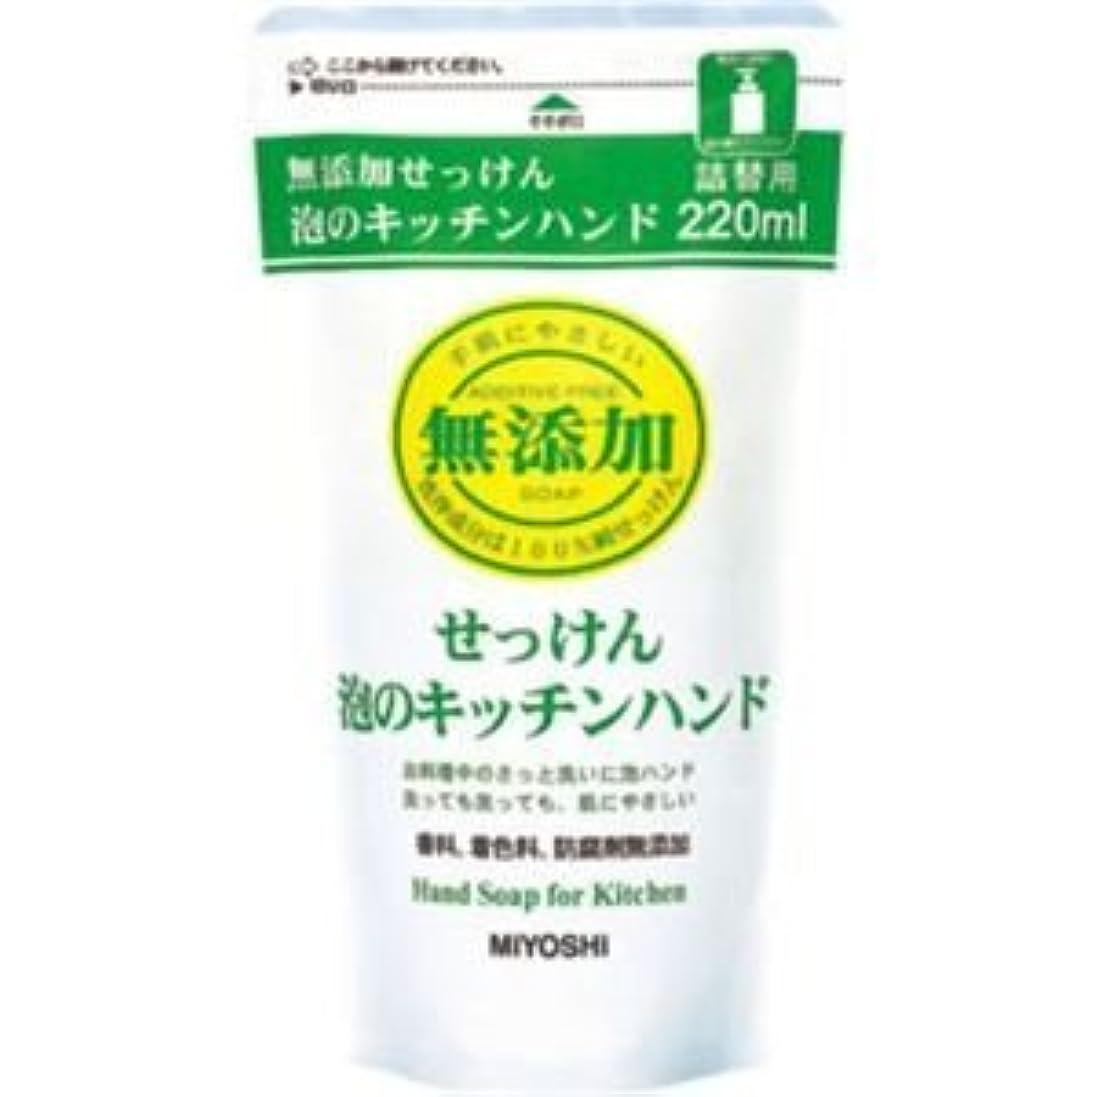 サイトライン習慣テンポミヨシ 無添加 キッチンハンドソープ つめかえ用 220ml(無添加石鹸) 14セット